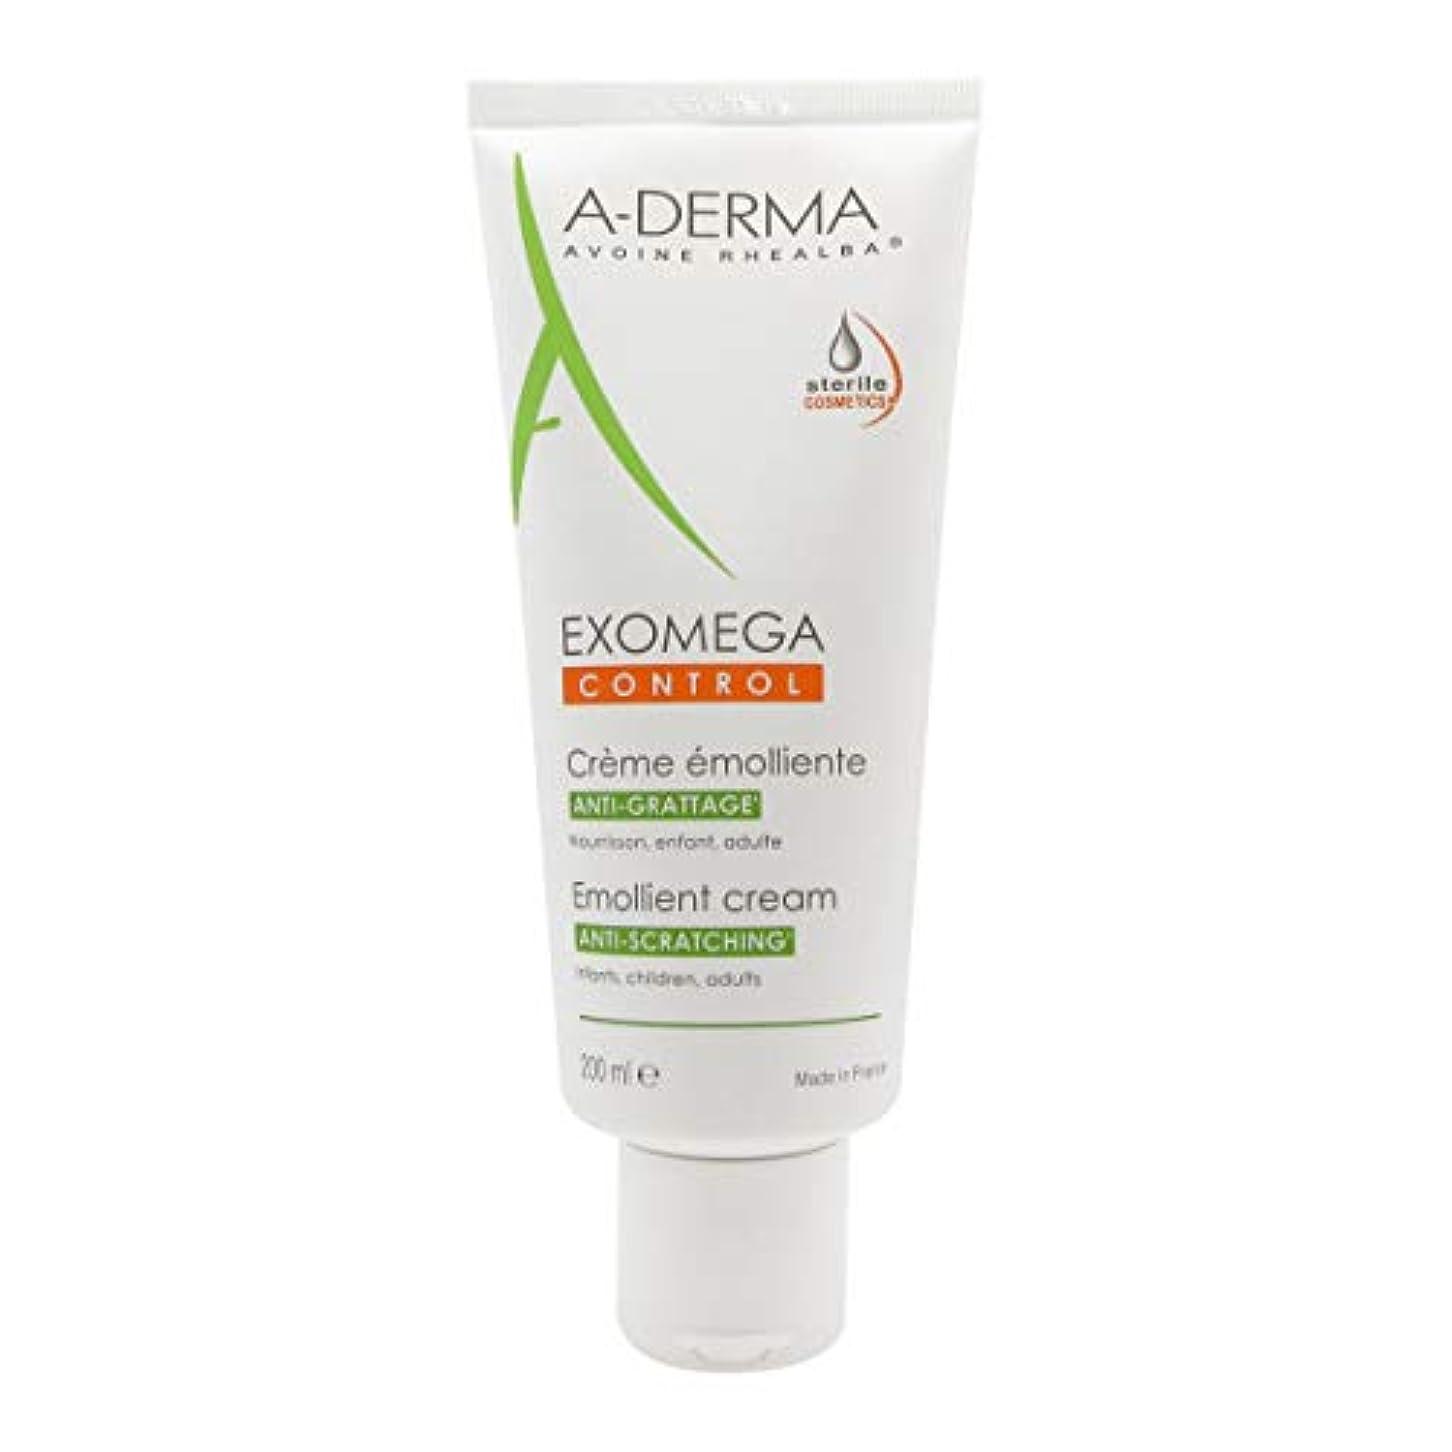 制約ウォーターフロント雪だるまA-derma Exomega Control Emollient Cream 200ml [並行輸入品]